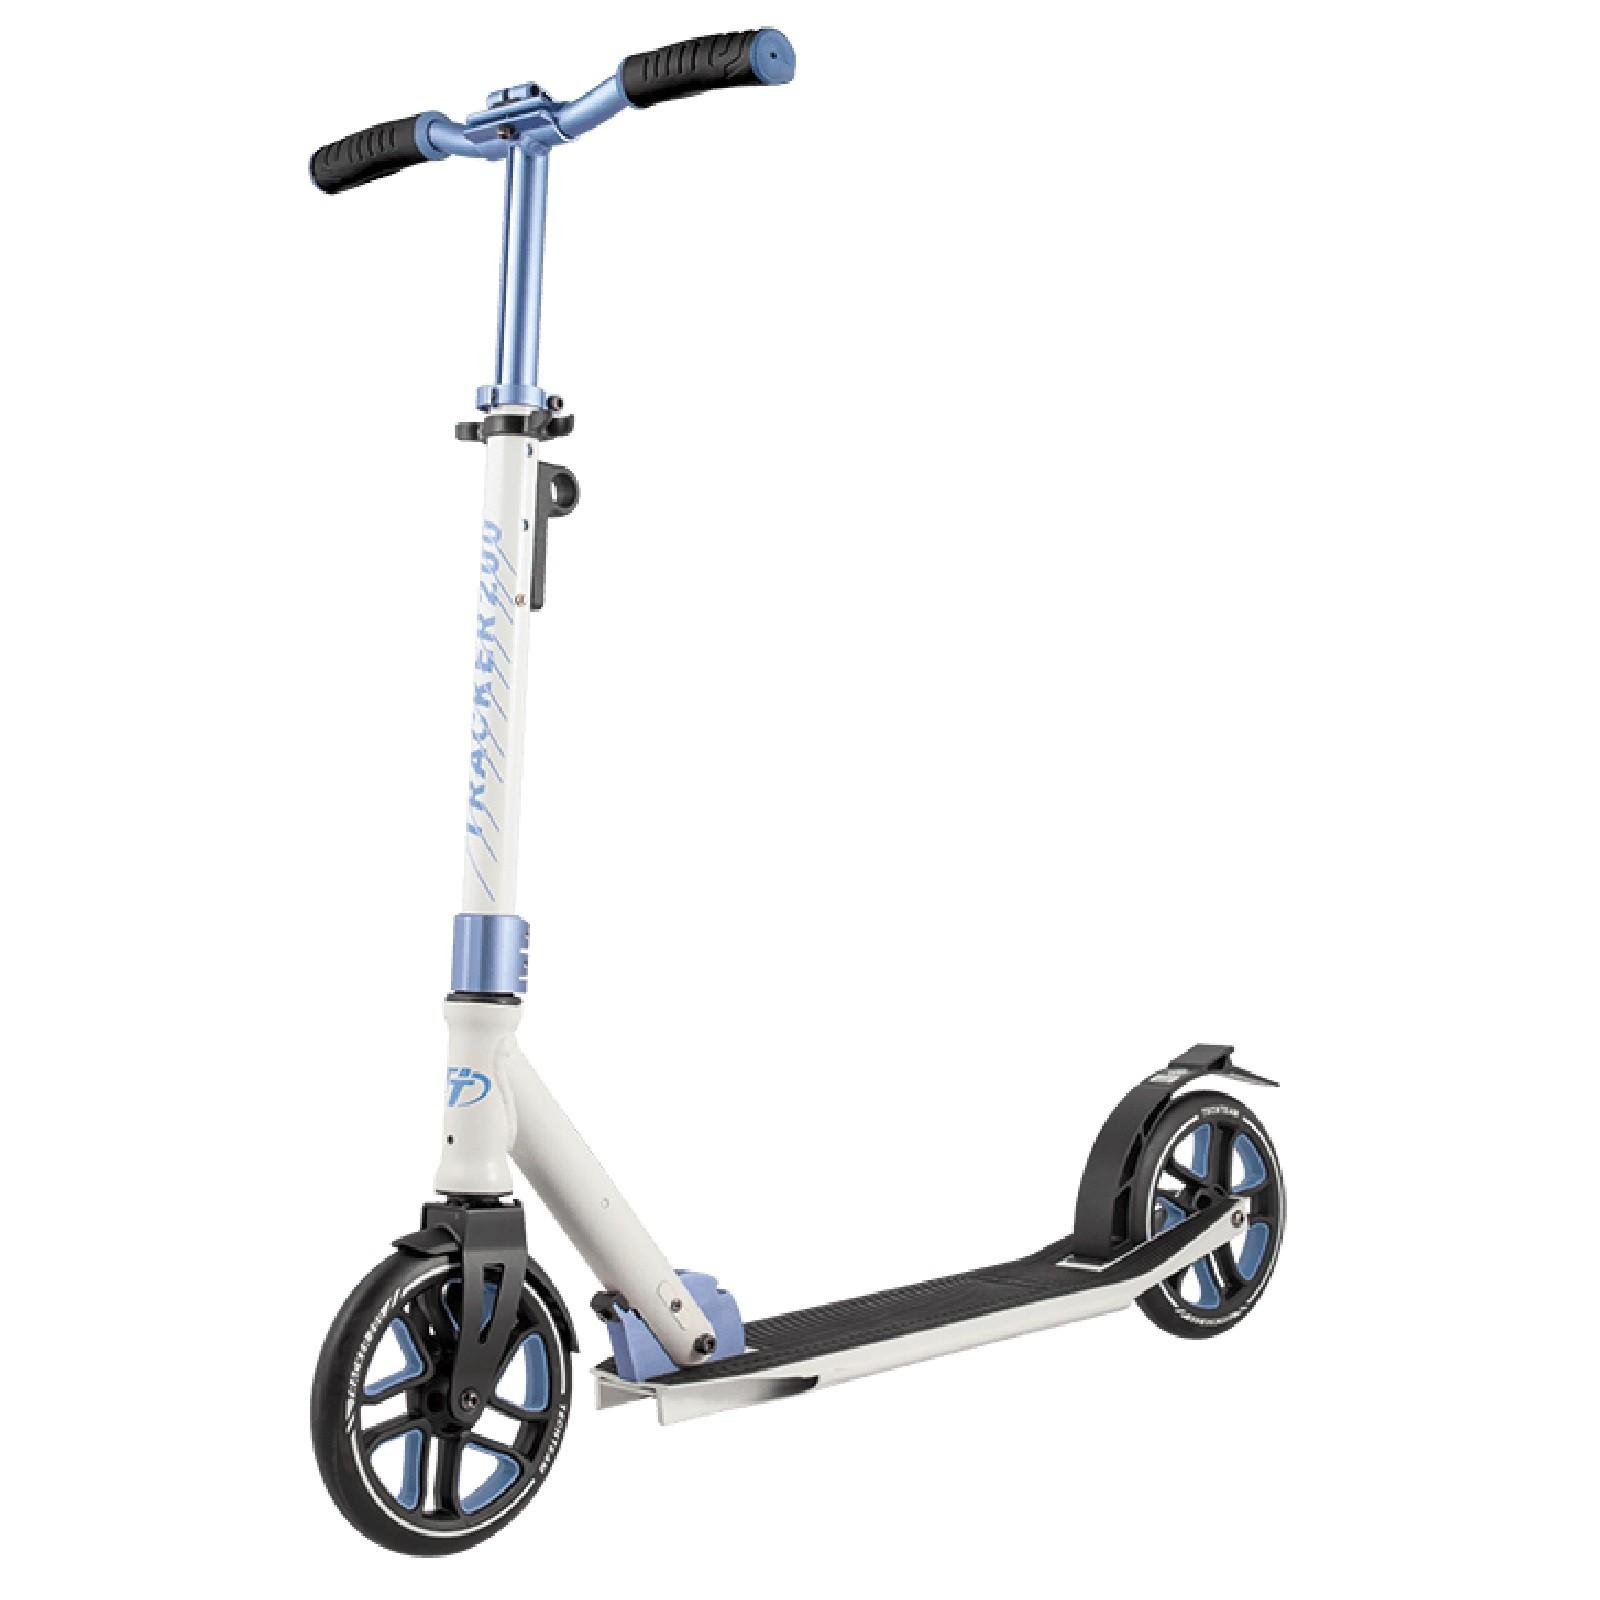 Детский Складной Самокат Tracker 200 2020 / Бело-синий